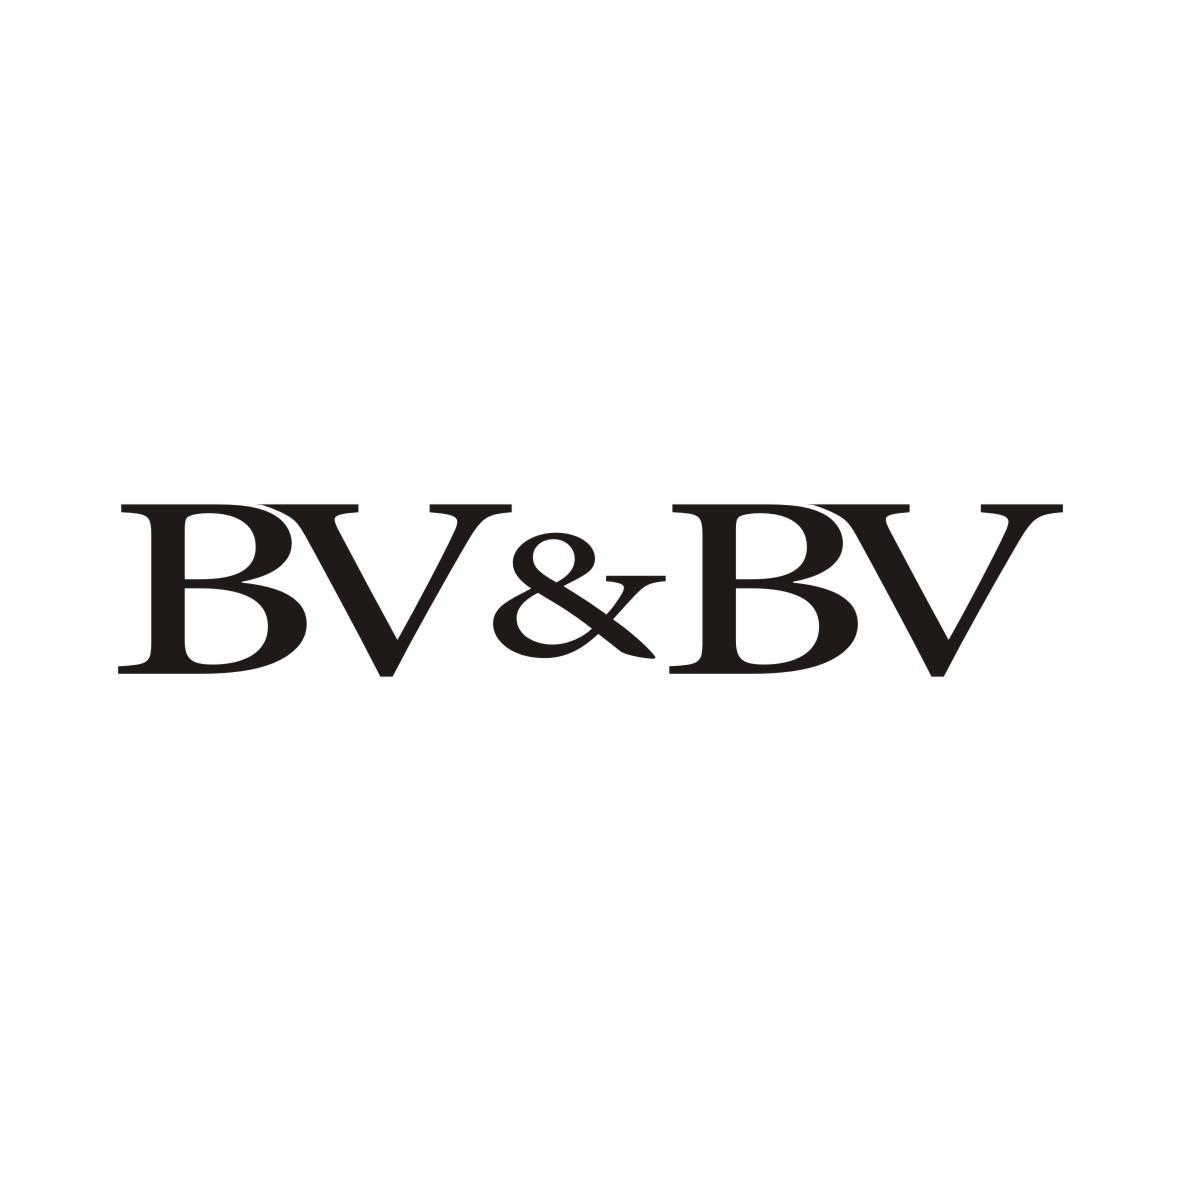 BV&BV